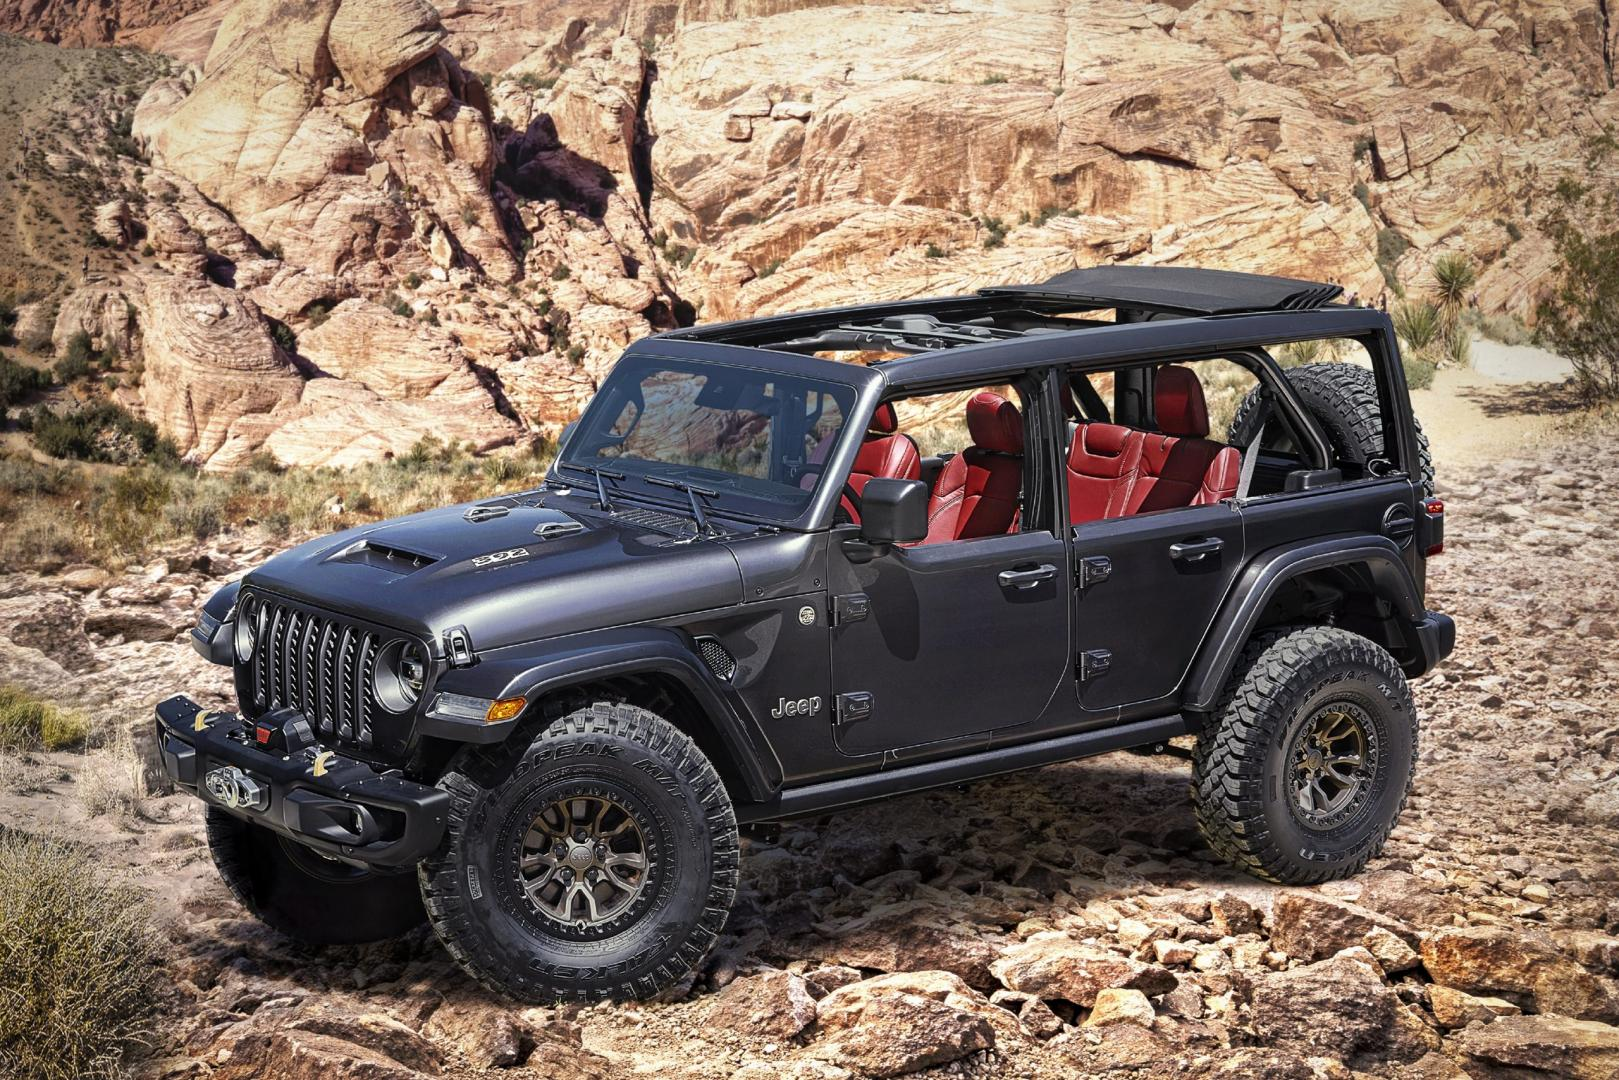 Jeep Wrangler Rubicon 392